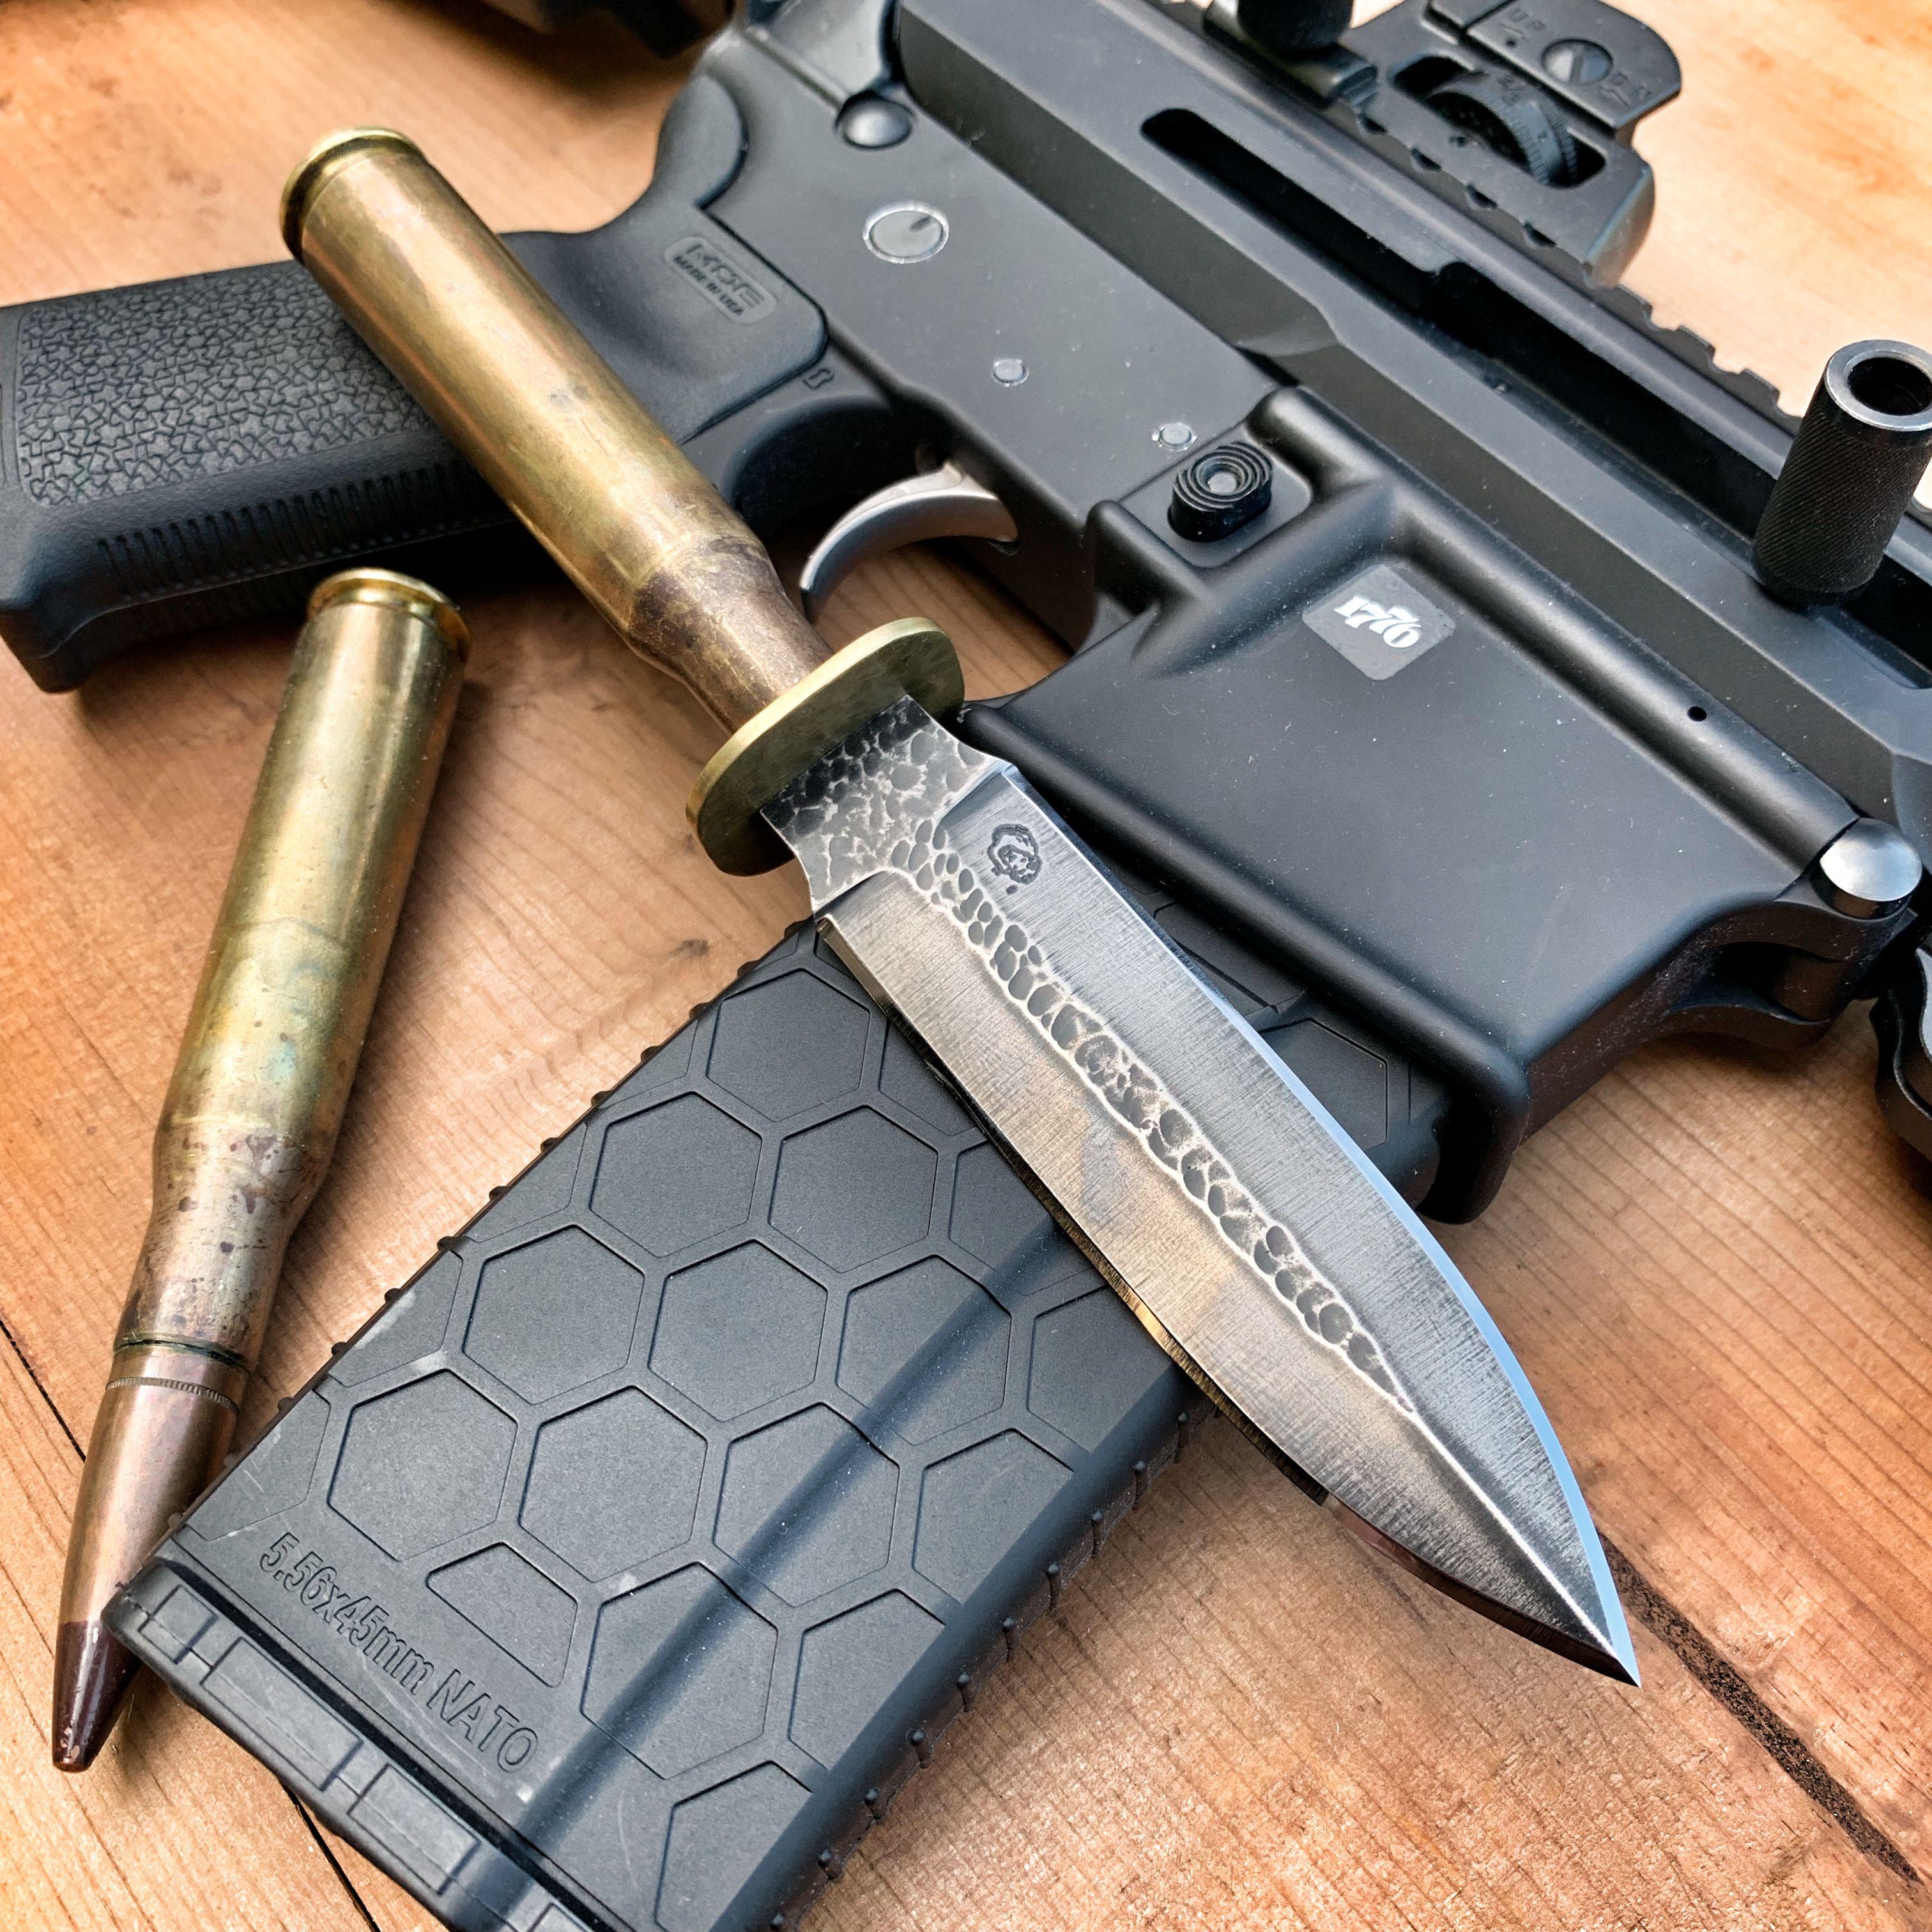 Lion S Den Blades 50cal Dagger Handcrafted Knife Knife Design 1095 Steel